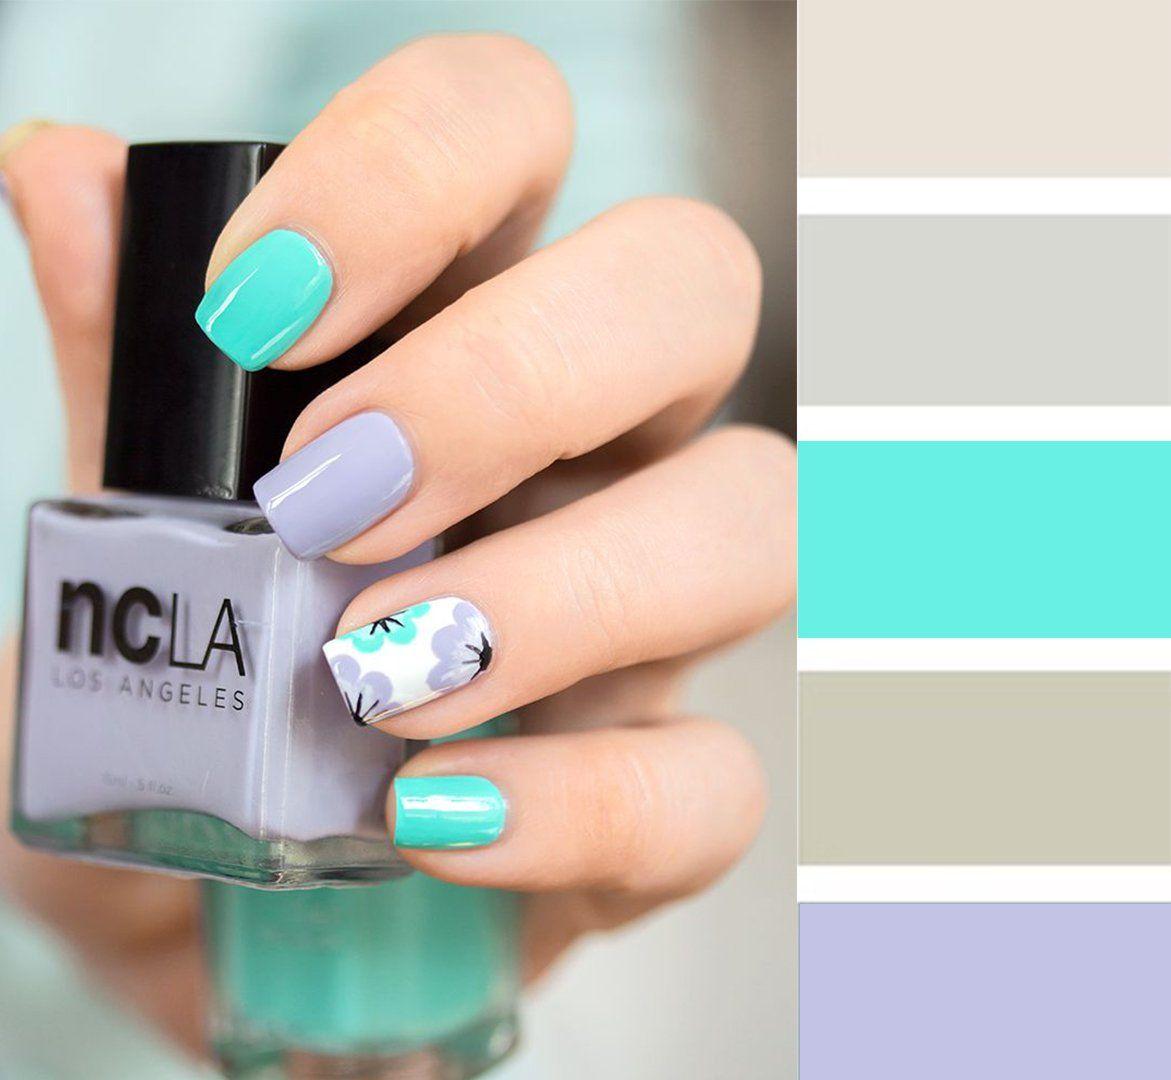 combinaciones de colores que puedes usar en tus uñas y lucir una